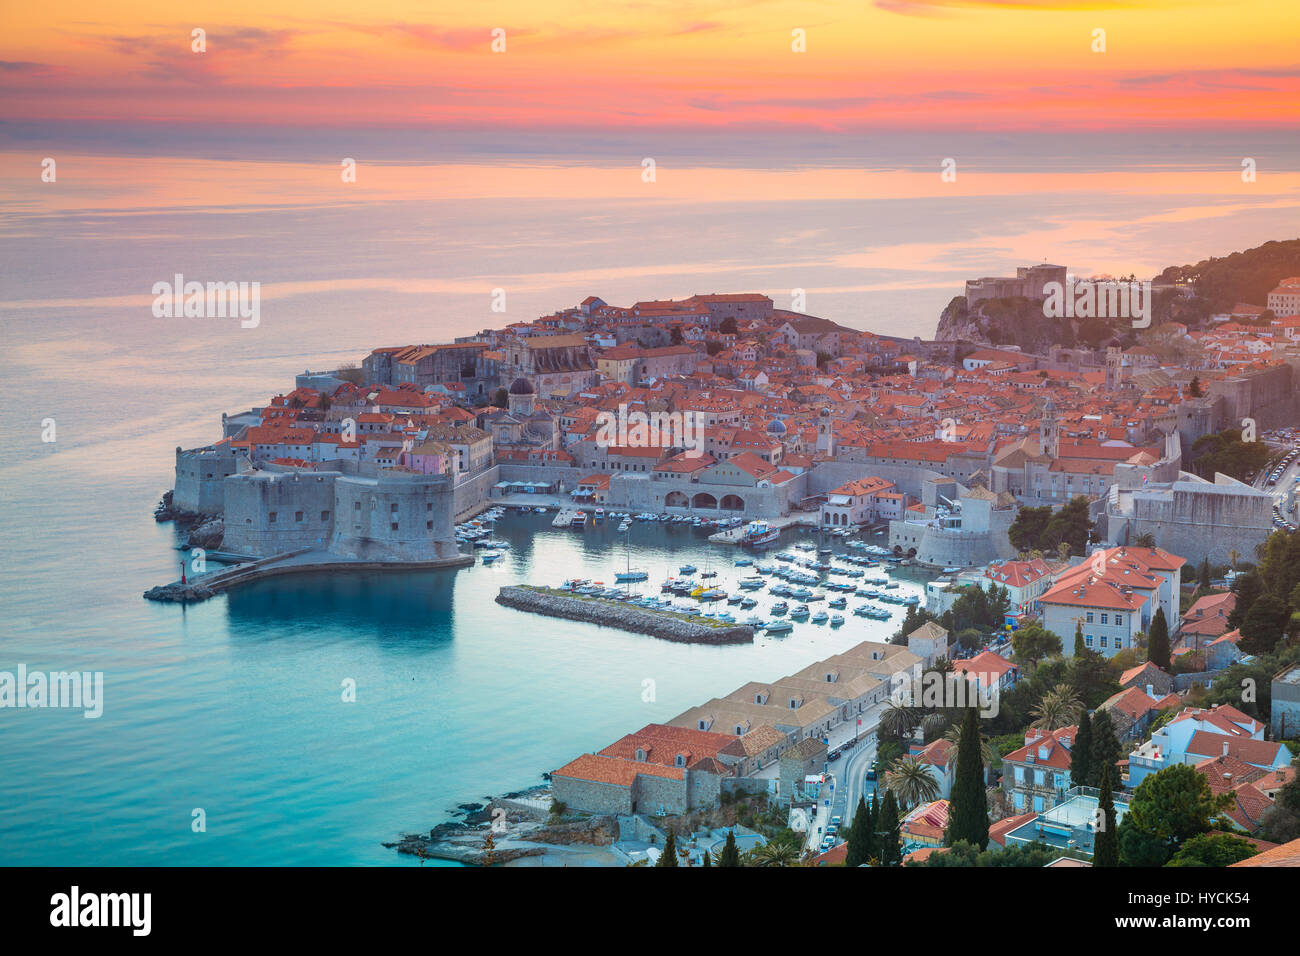 Dubrovnik, Kroatien. Schöne romantische Altstadt von Dubrovnik während des Sonnenuntergangs. Stockbild